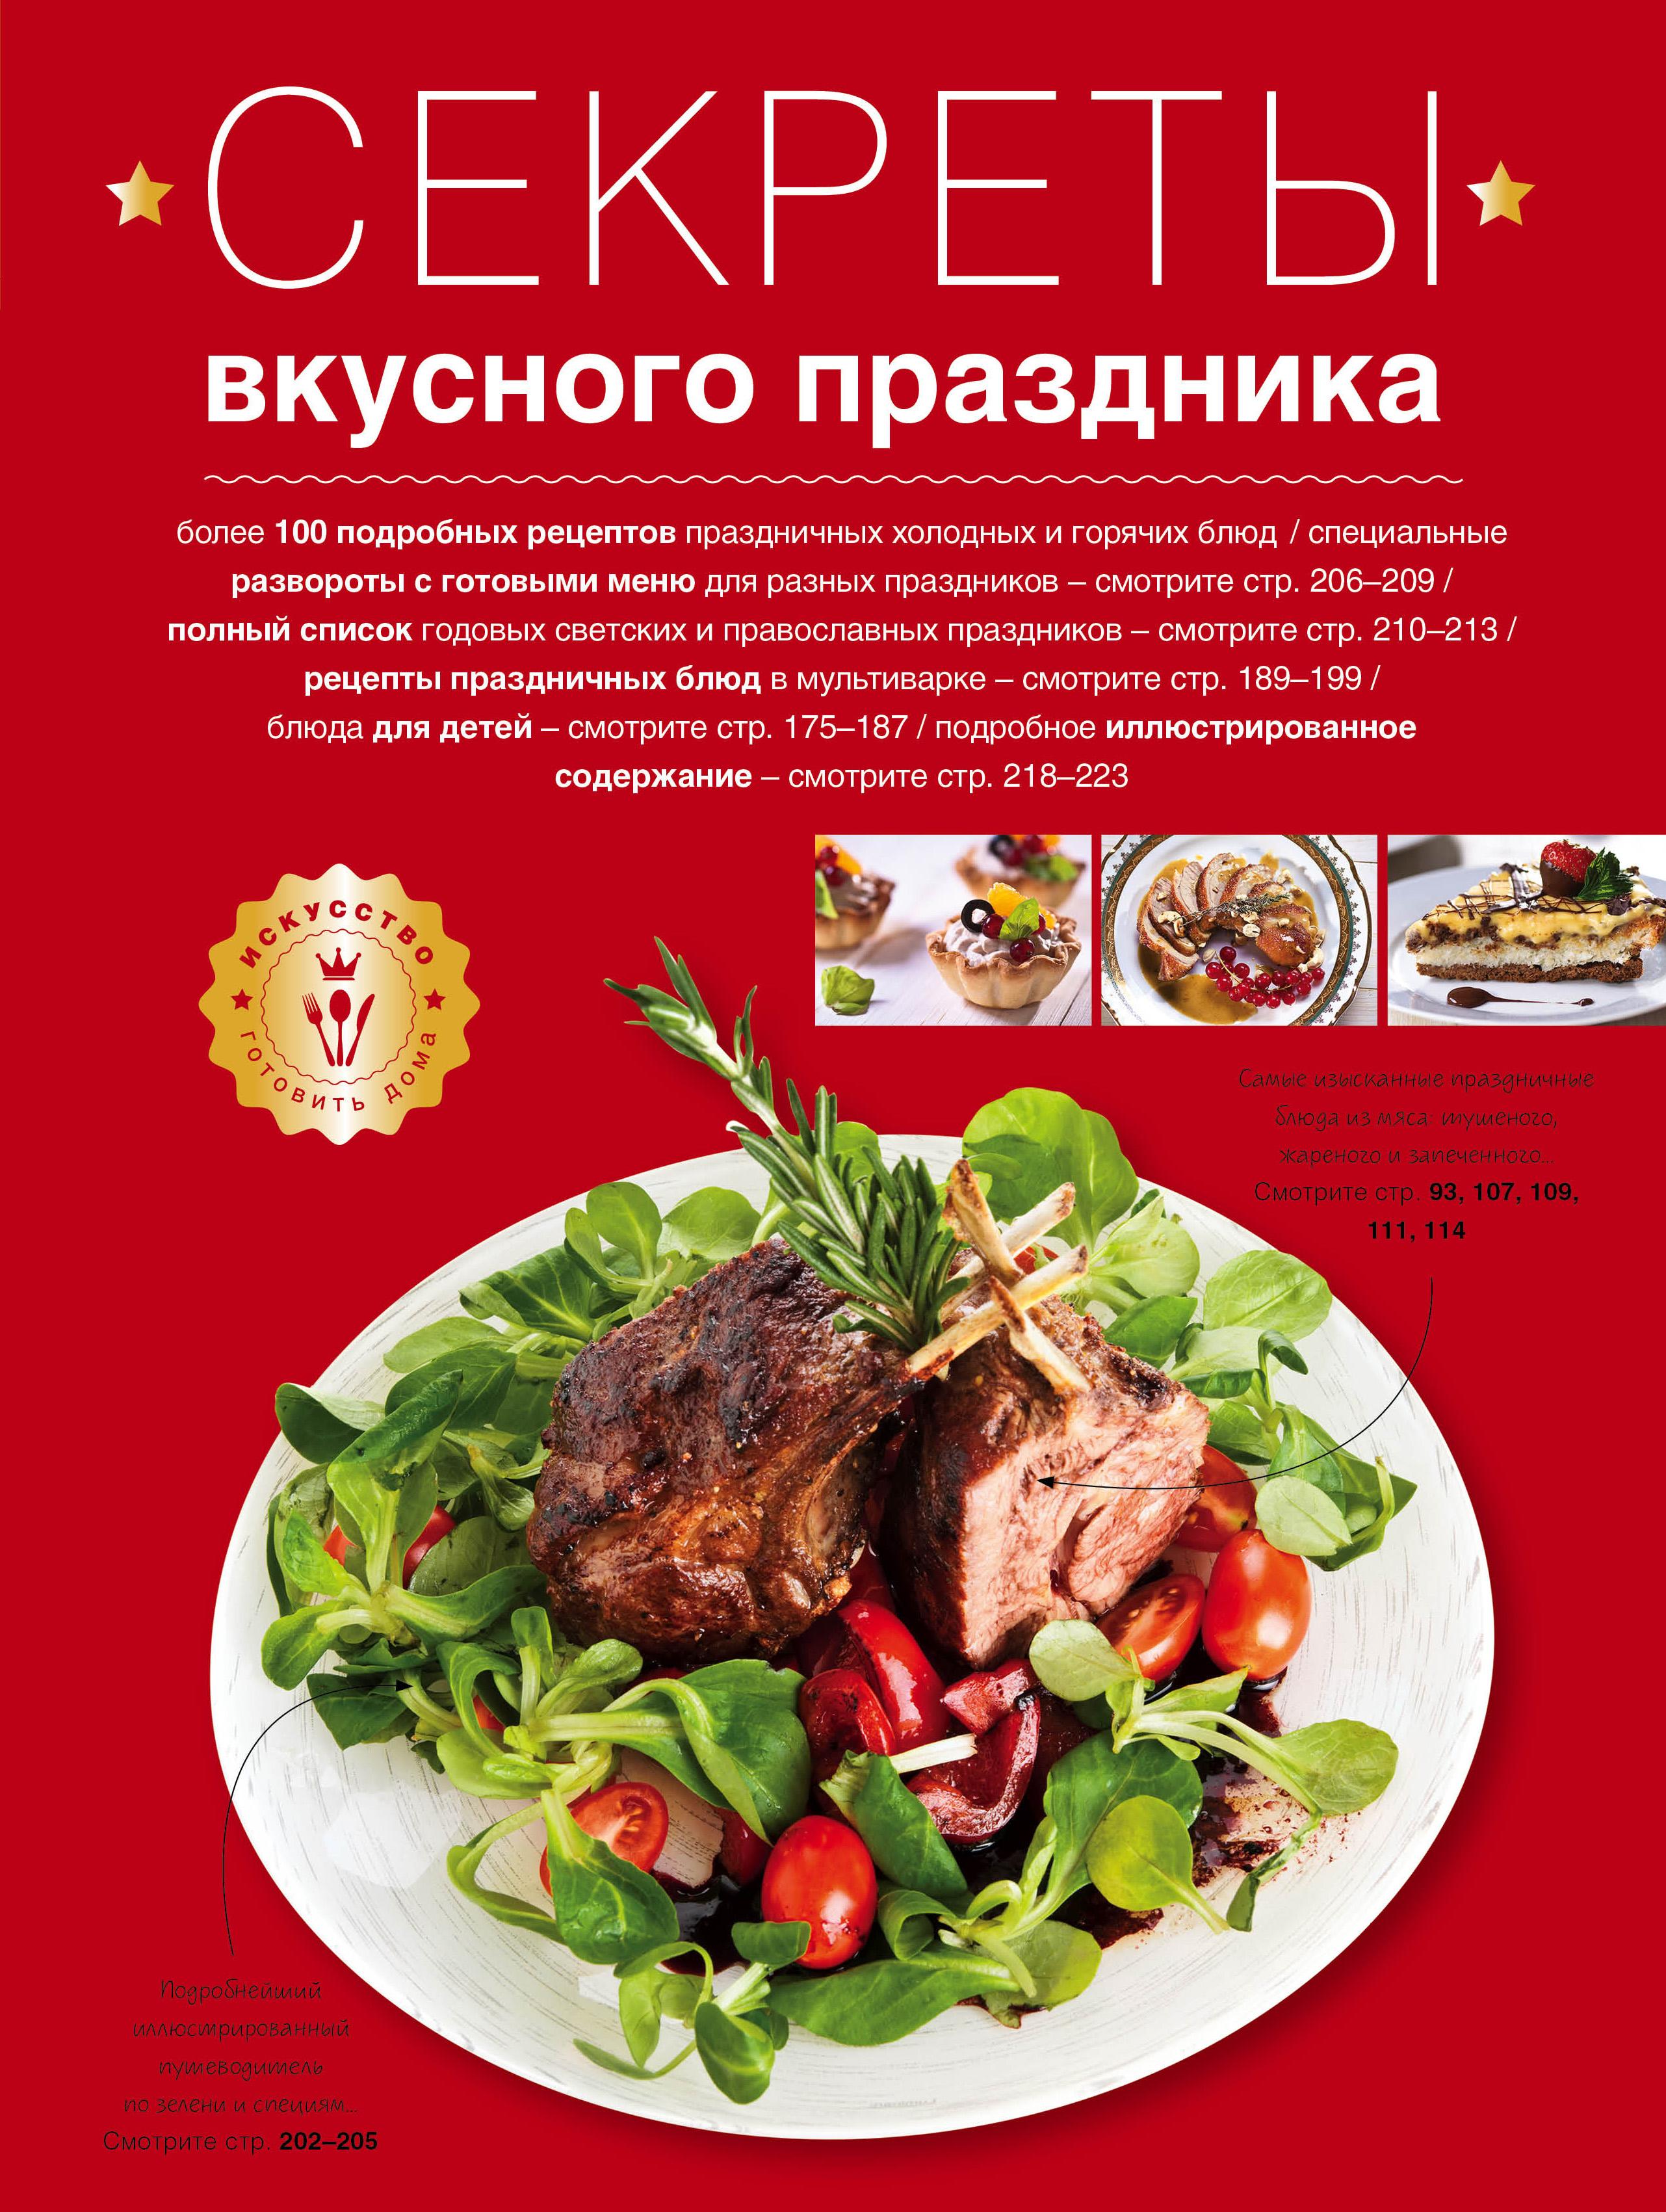 Секреты вкусного праздника (серия Кулинария. Искусство готовить дома)